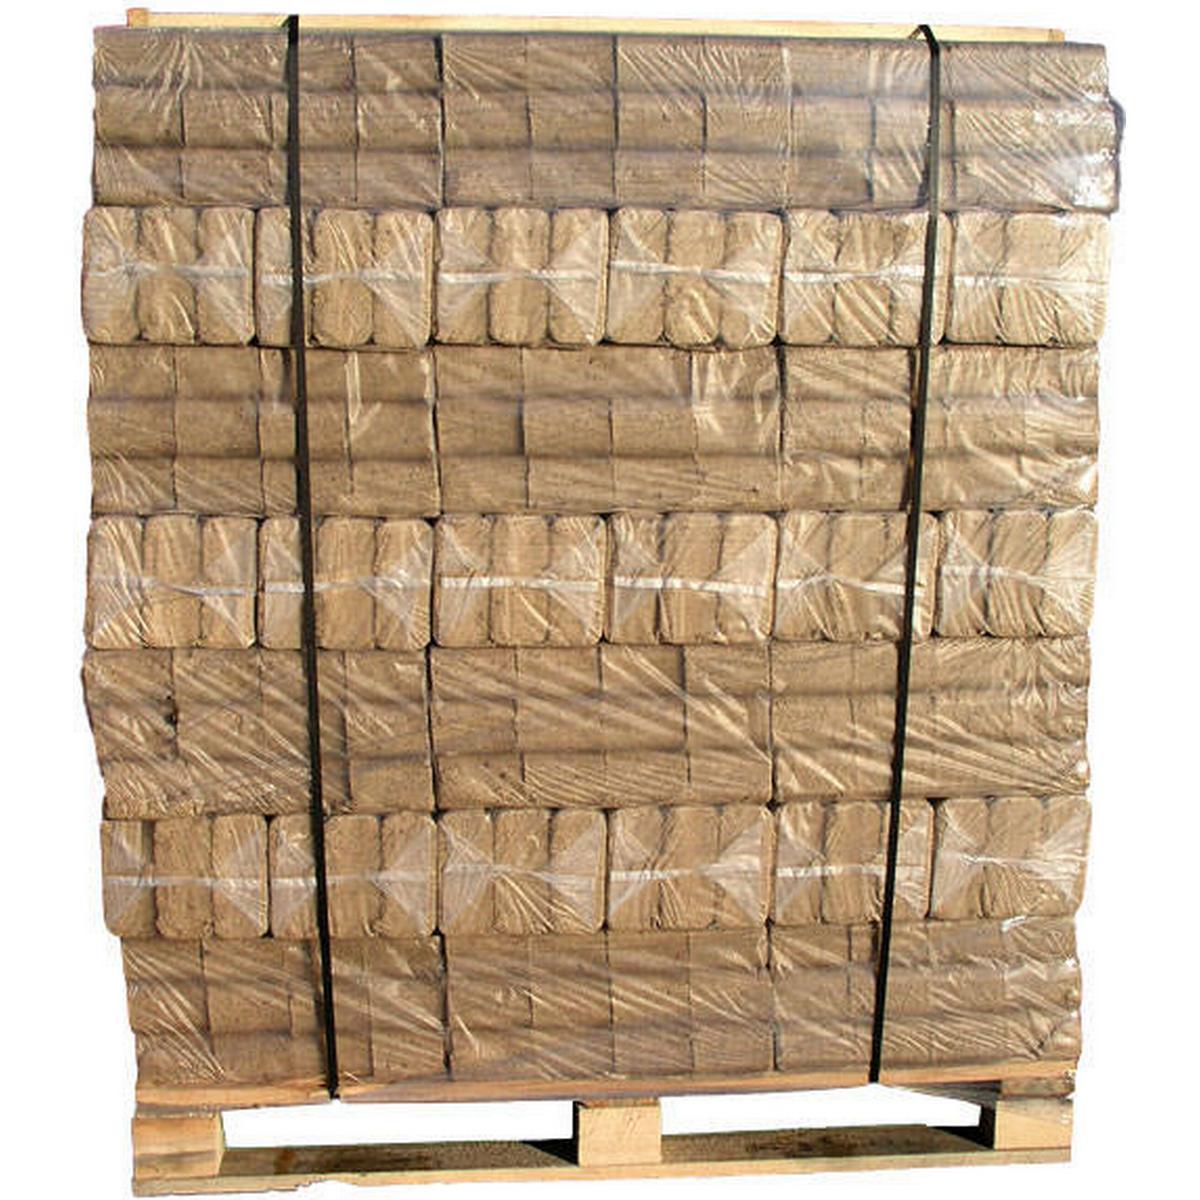 Fremragende Træbriketter - Sammenlign priser på træbriketter hos PriceRunner FV42